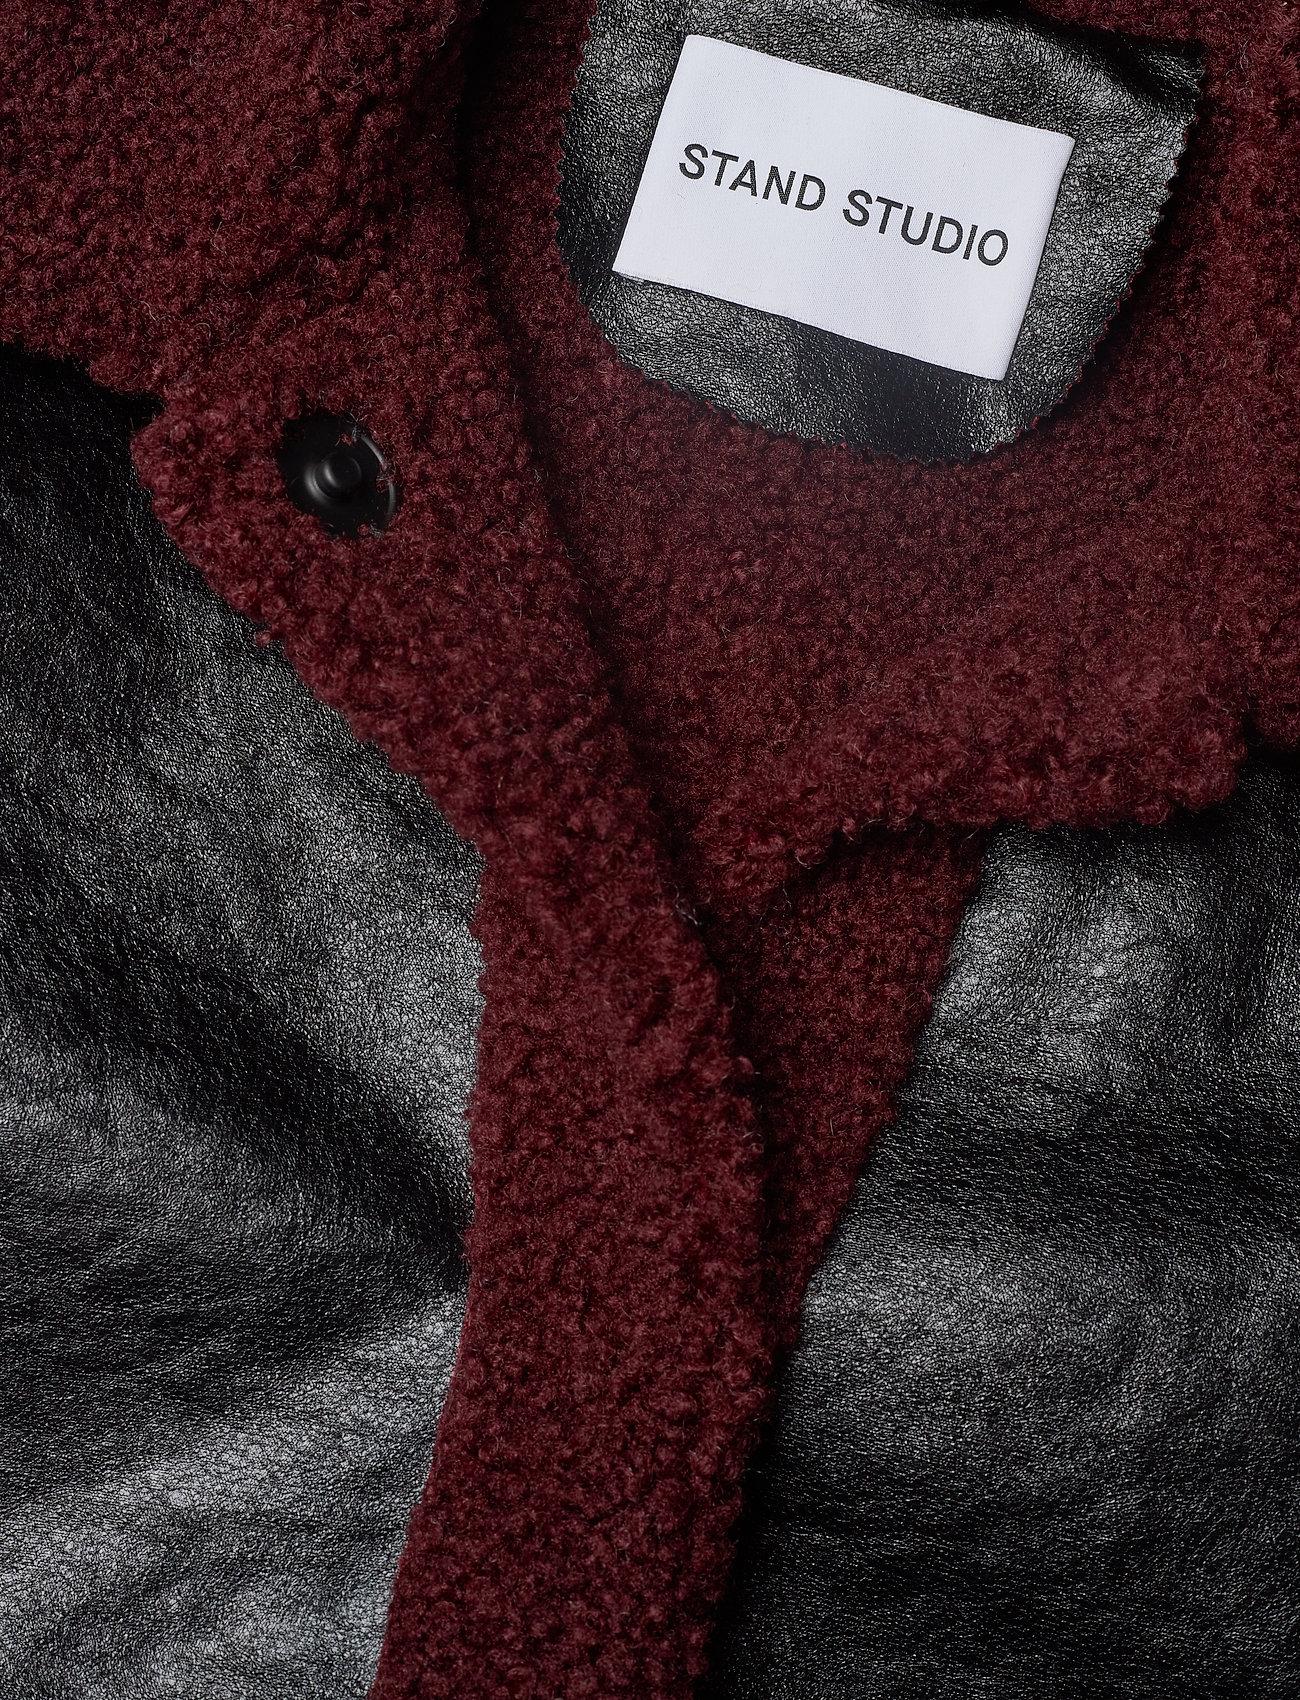 Stand Studio Haley Jacket - Jackor & Kappor Black/burgundy